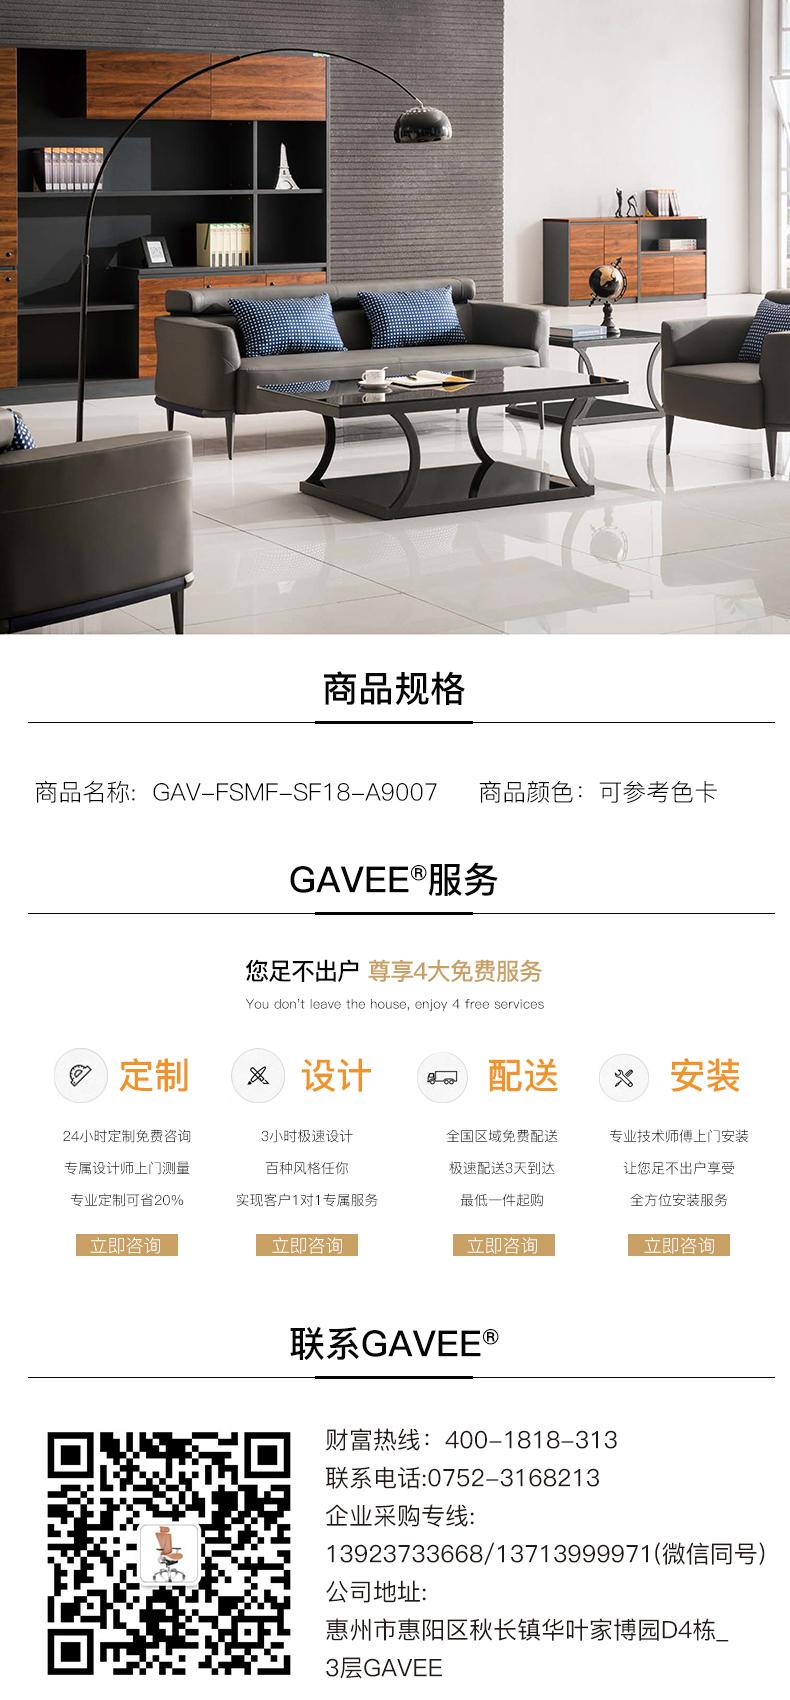 沙發茶幾系統GAV-FSMF-SF18-A9007.jpg